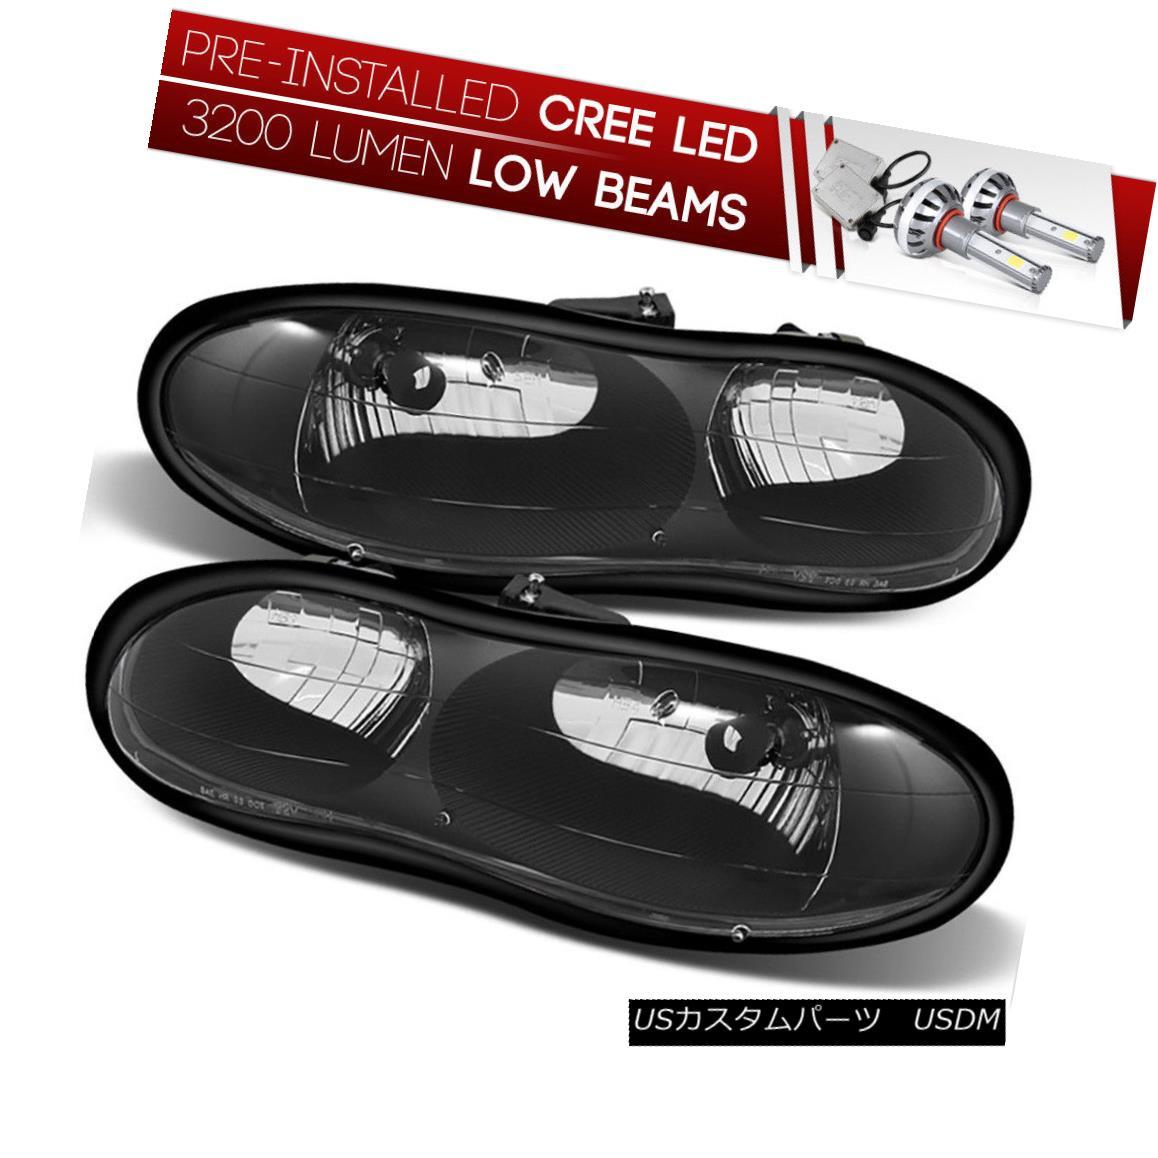 ヘッドライト [CREE LED Bulb Installed]98-02 Chevy Camaro Black Replacement Headlight Assembly [CREE LED Bulbをインストール] 98-0  2シボレーカマロブラック交換ヘッドライトアセンブリ